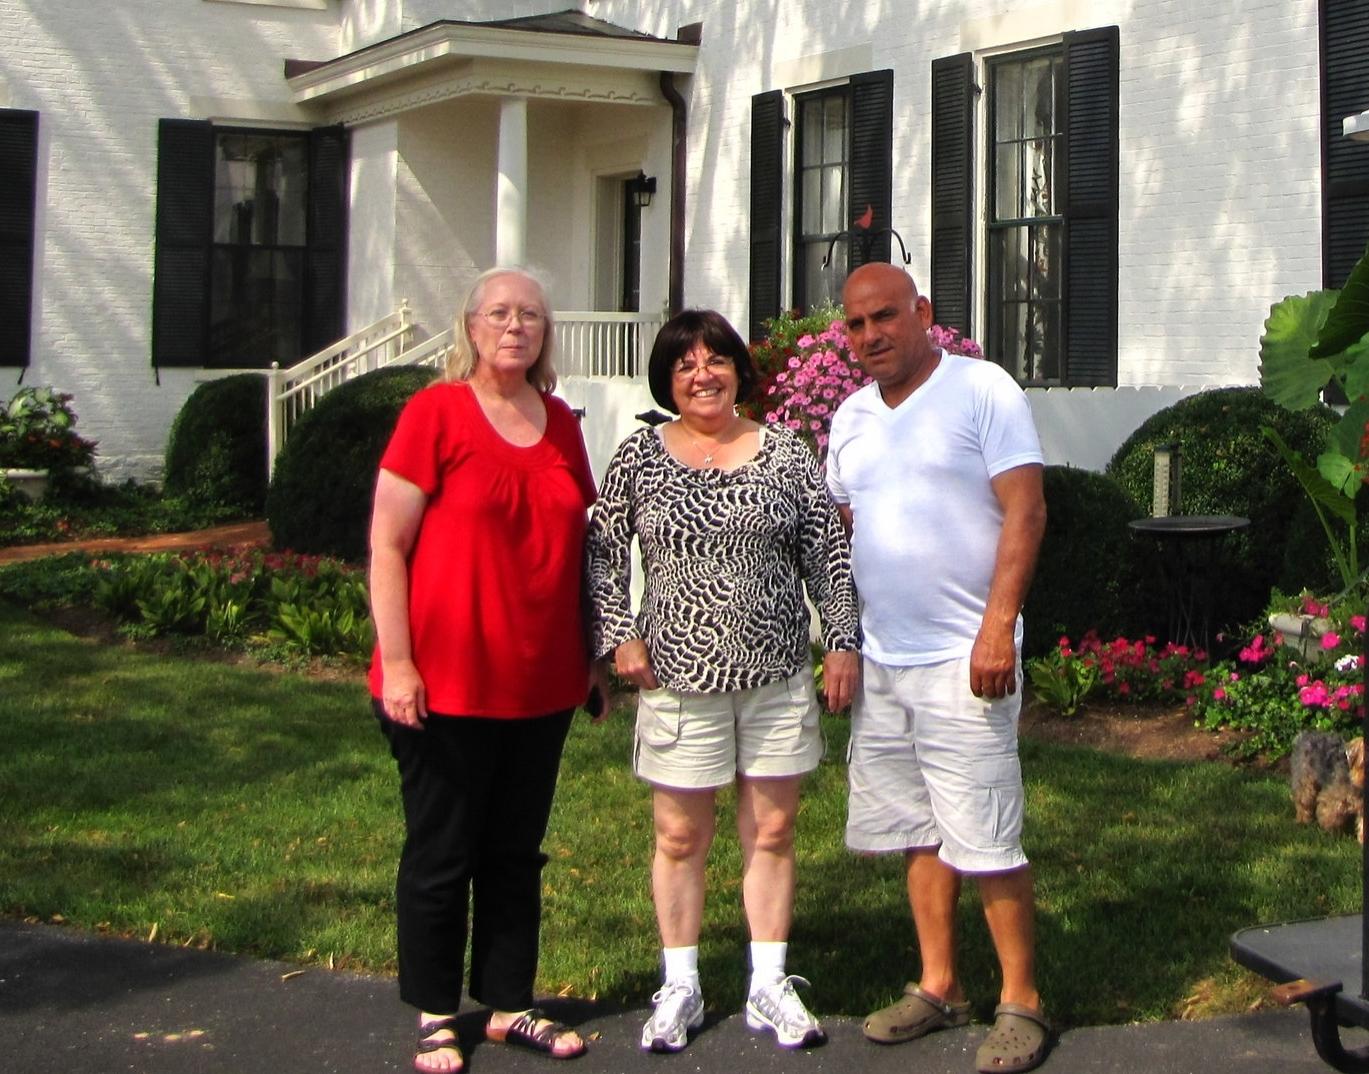 Barbara standing next to Martina and her husband, Reuben